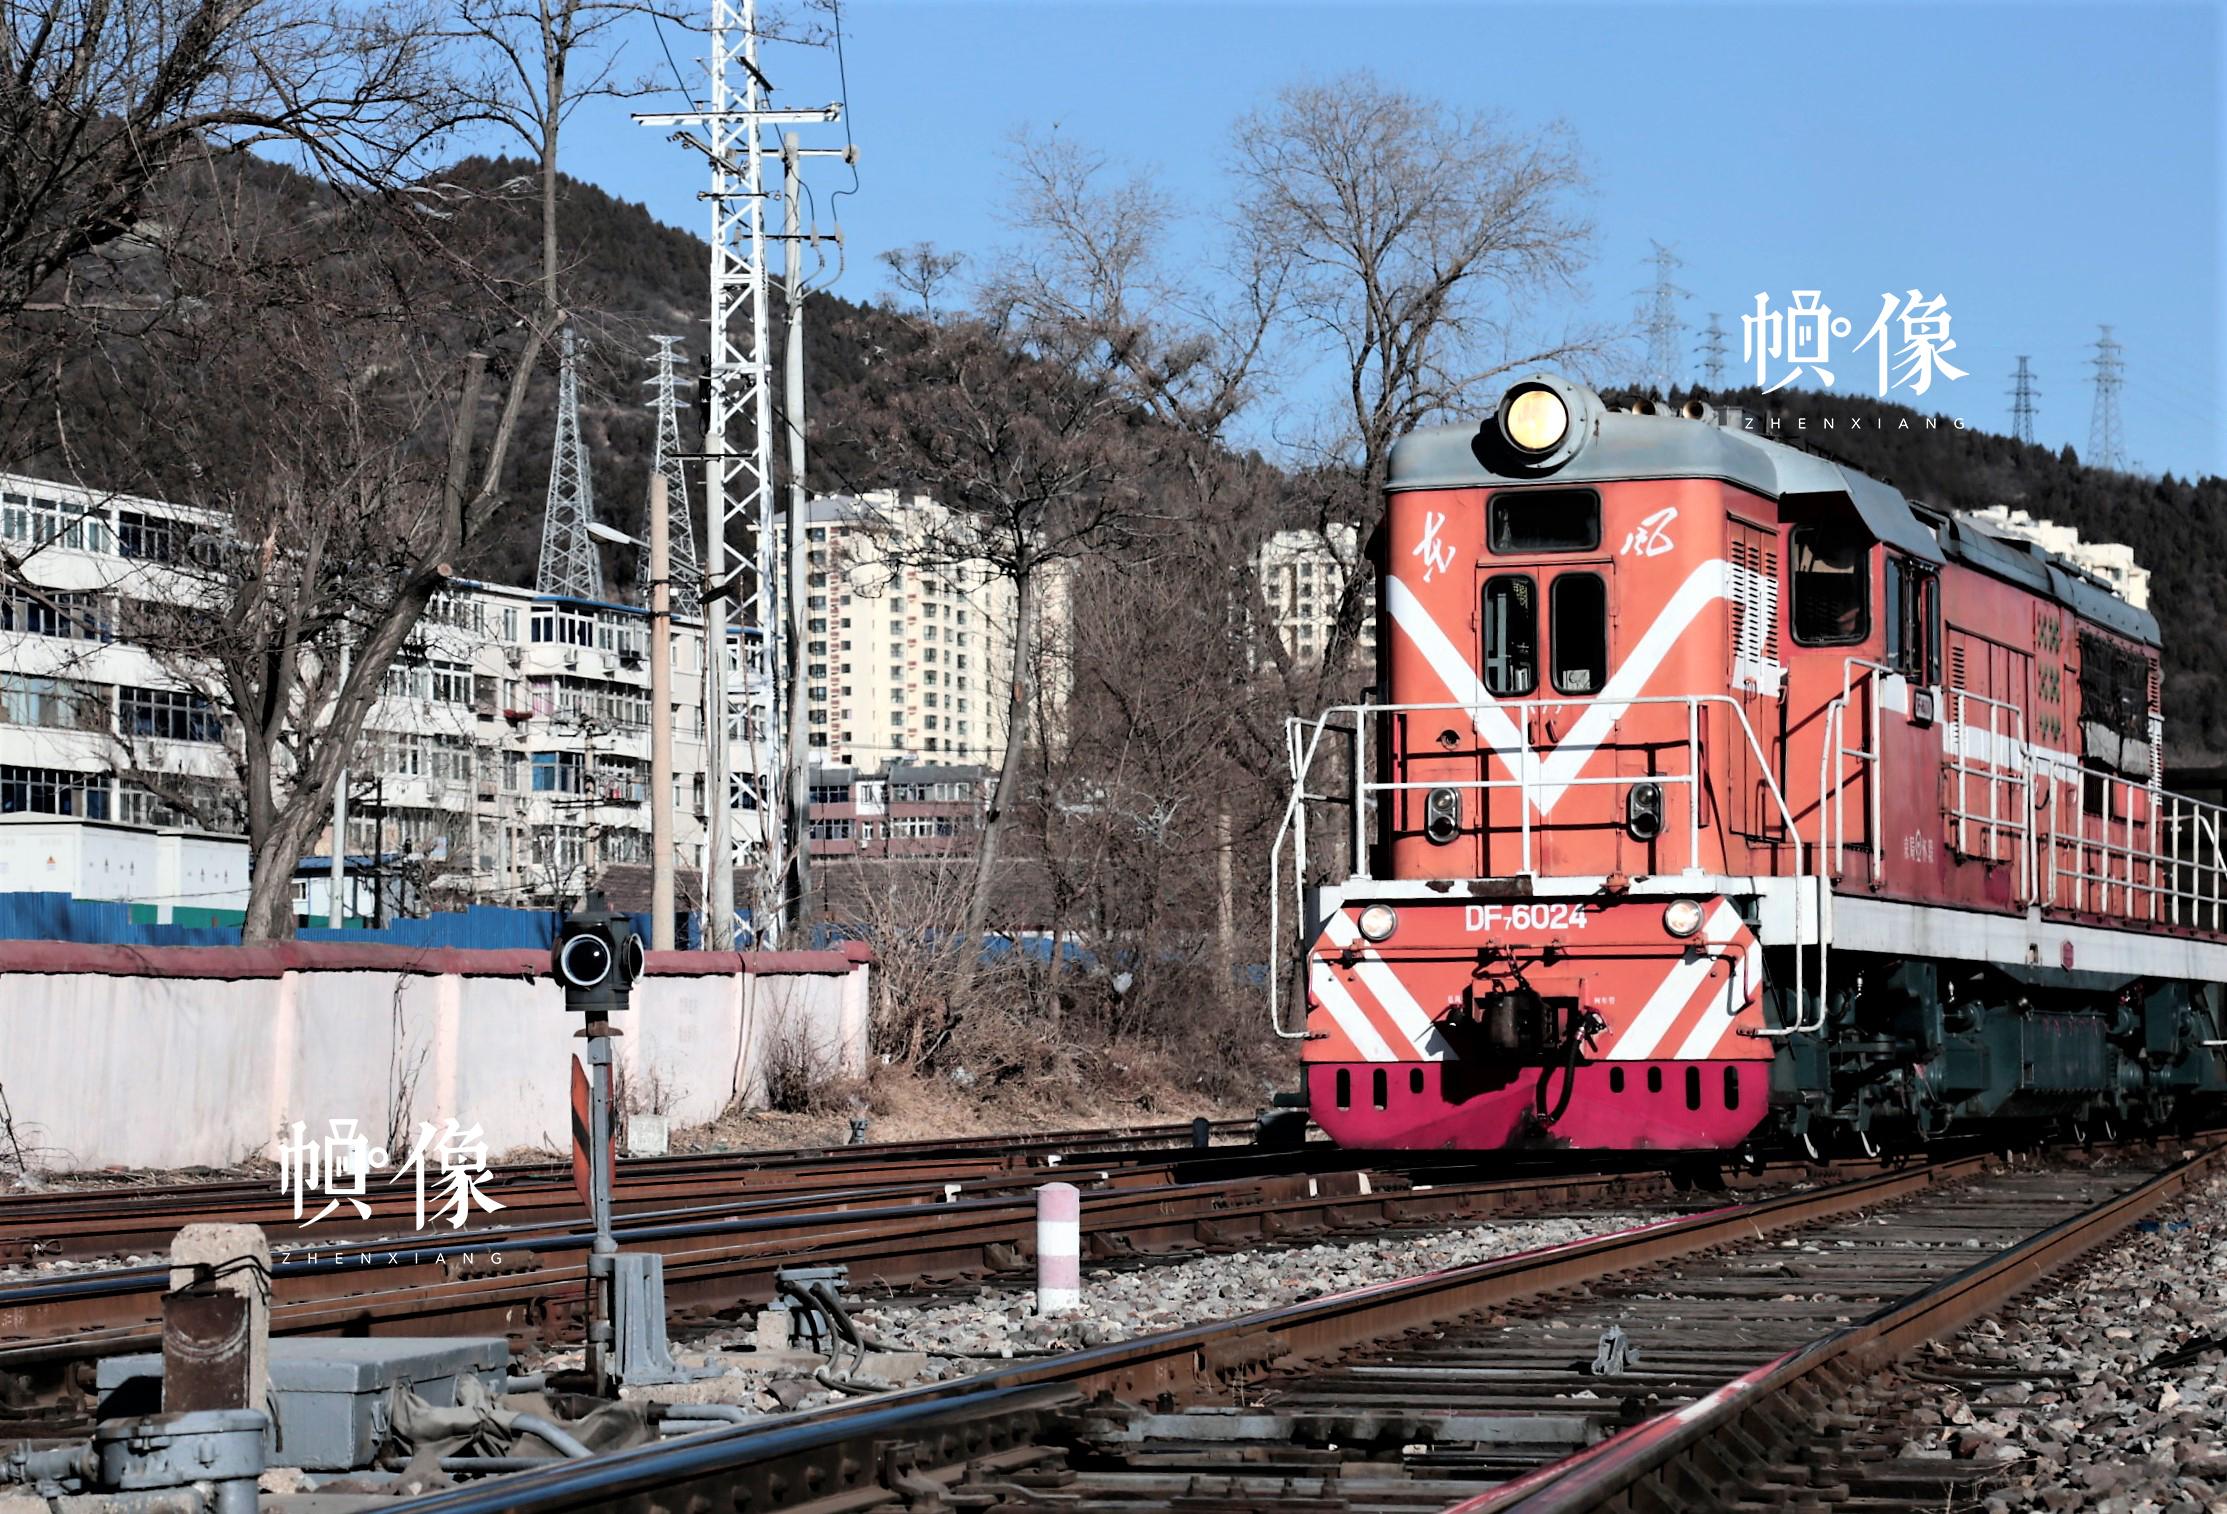 列车即将进入门头沟车站,扳道员已经完成扳道工作,列车正在进站。中国网记者 仝选 摄